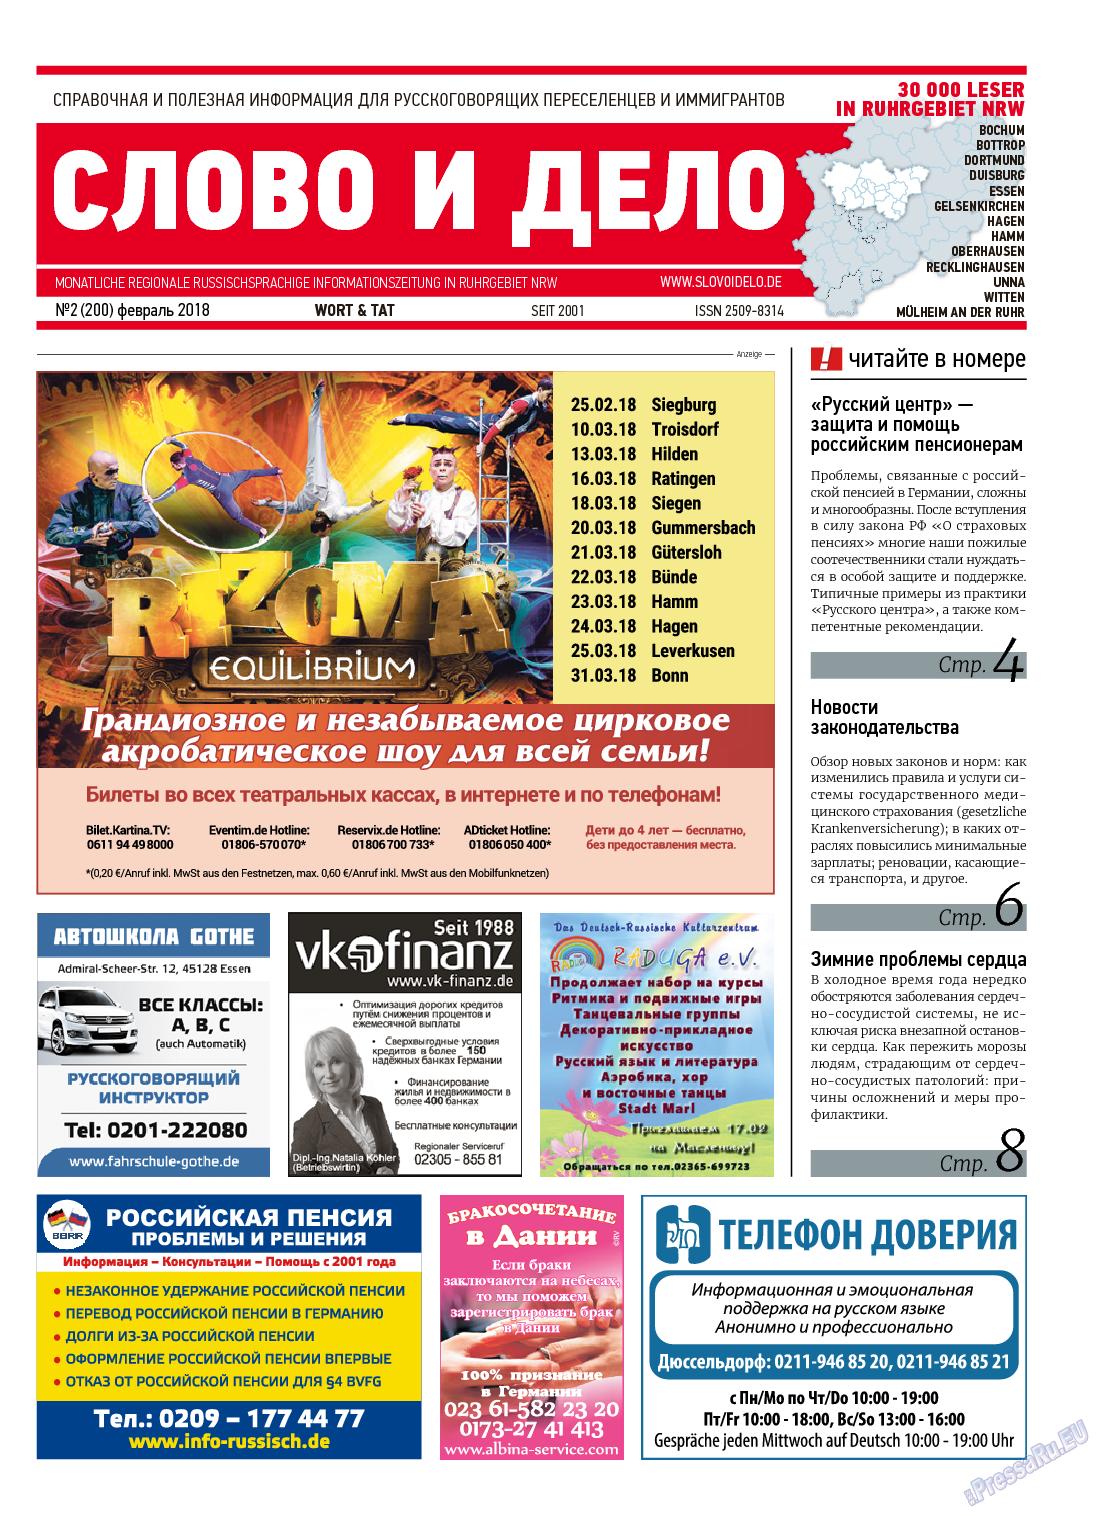 Слово и дело (газета). 2018 год, номер 2, стр. 1